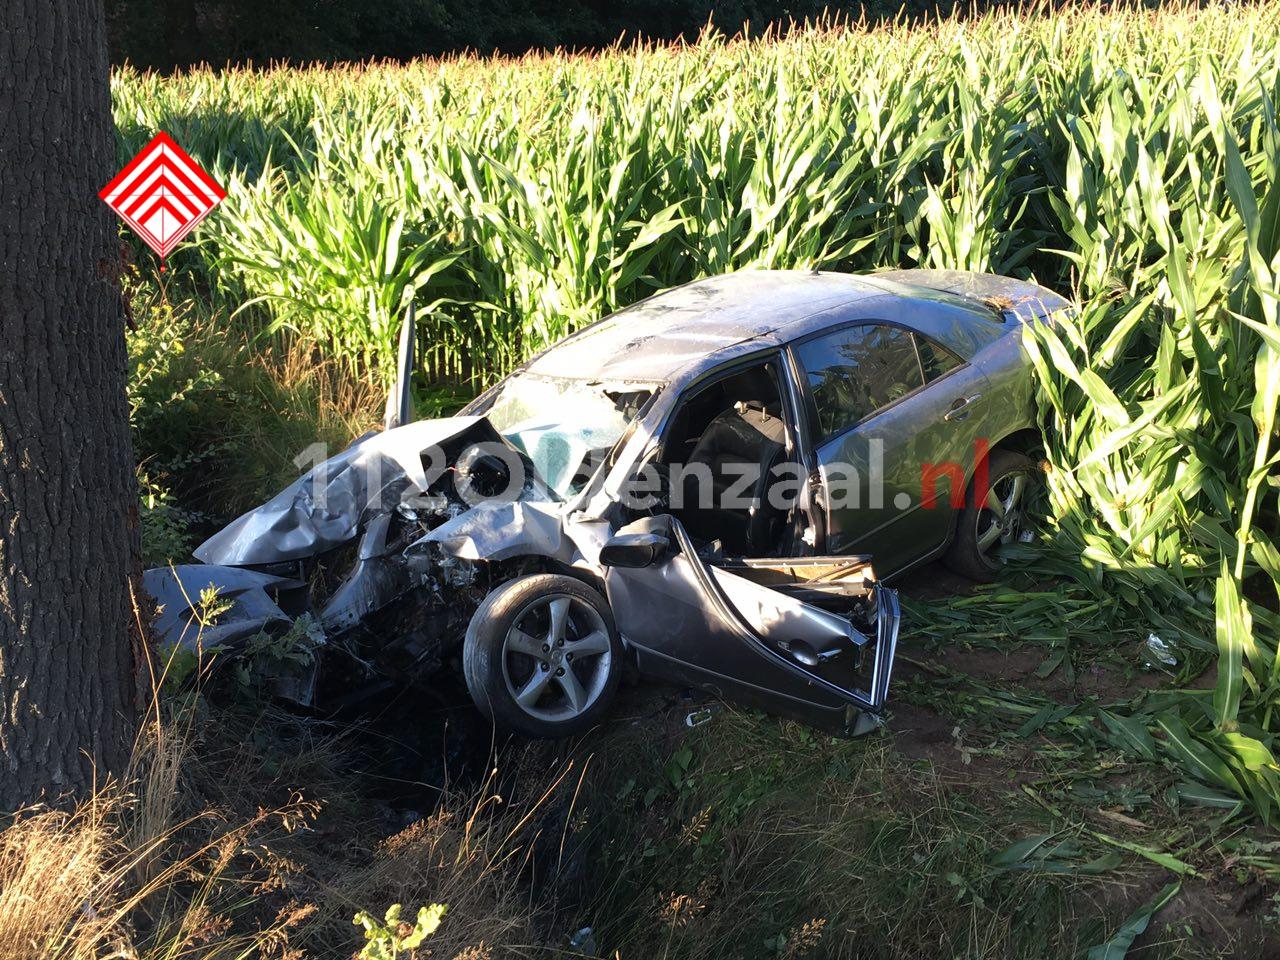 Foto 4: Ernstig ongeval in Agelo, traumahelikopter te plaatsen